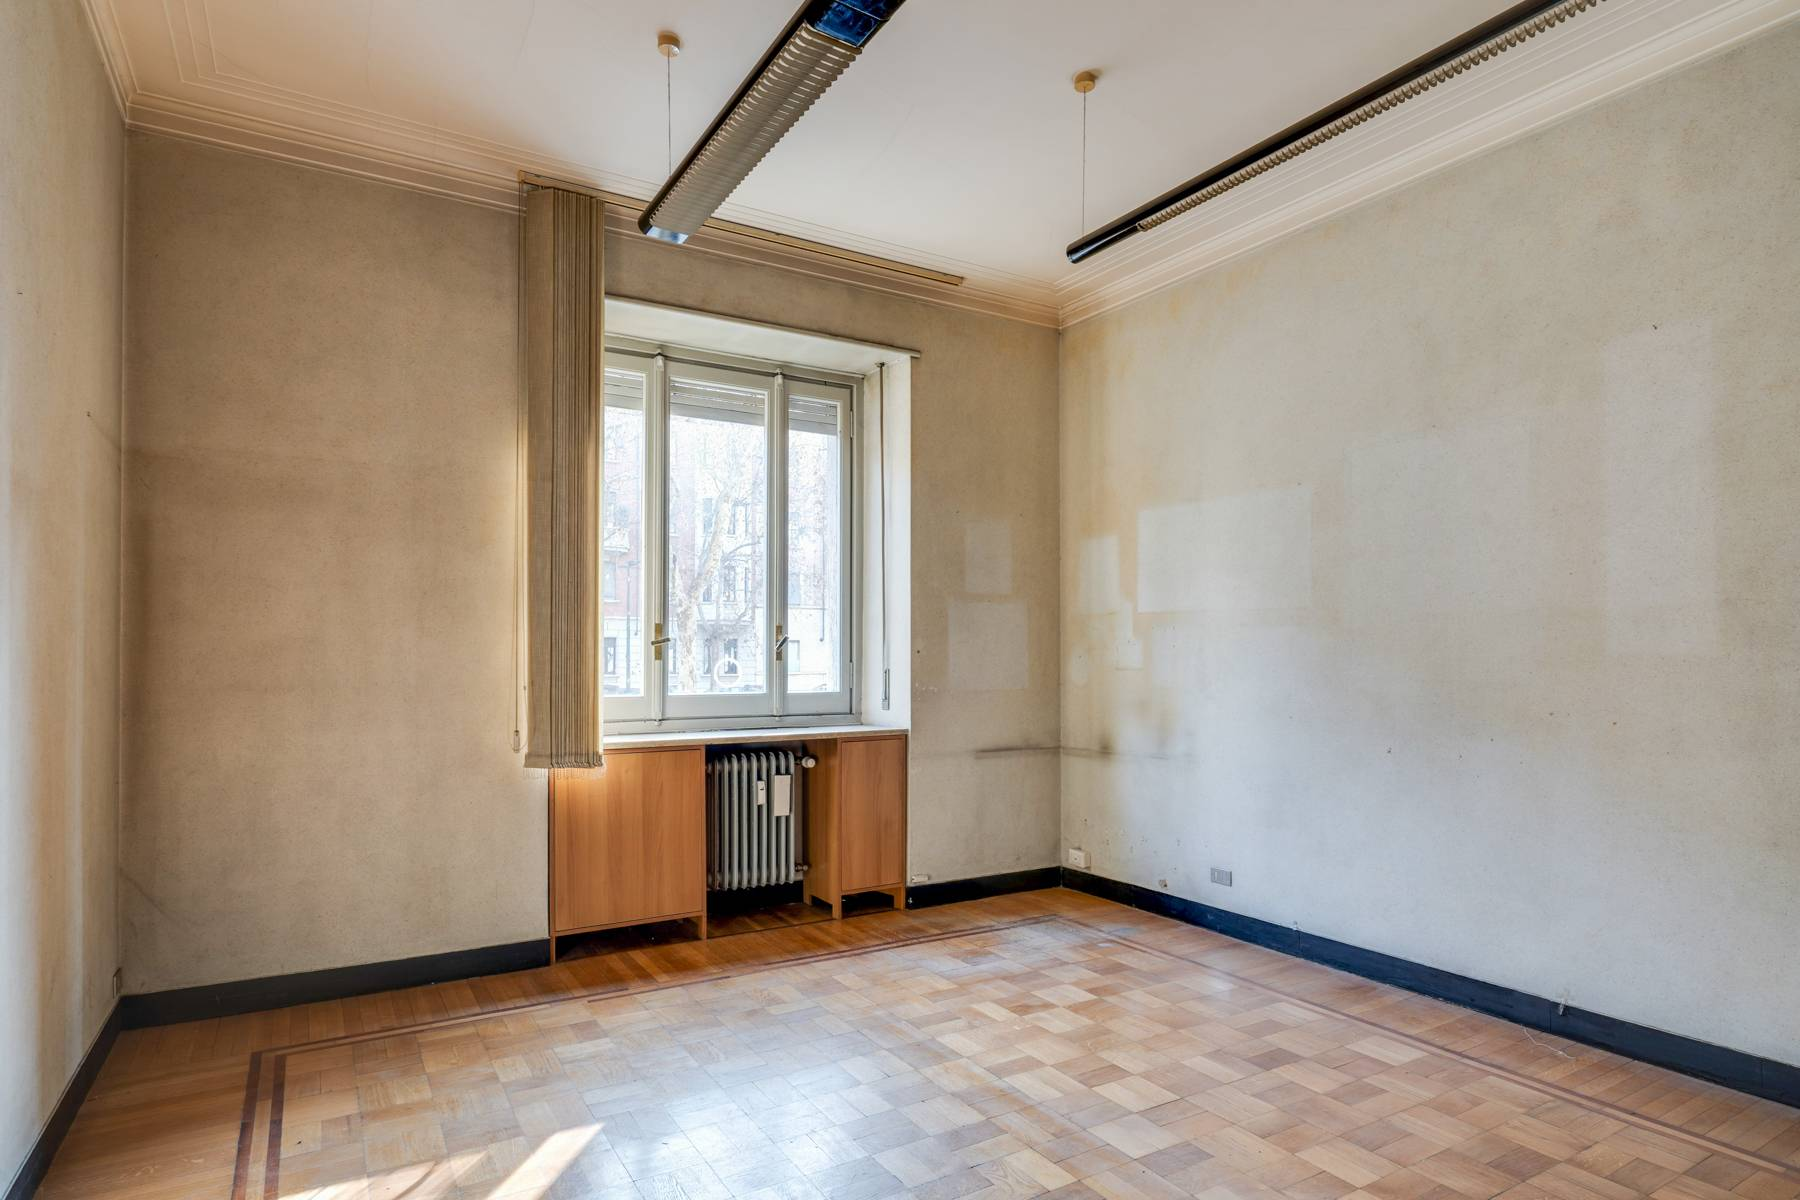 Ufficio-studio in Vendita a Torino: 3 locali, 140 mq - Foto 4